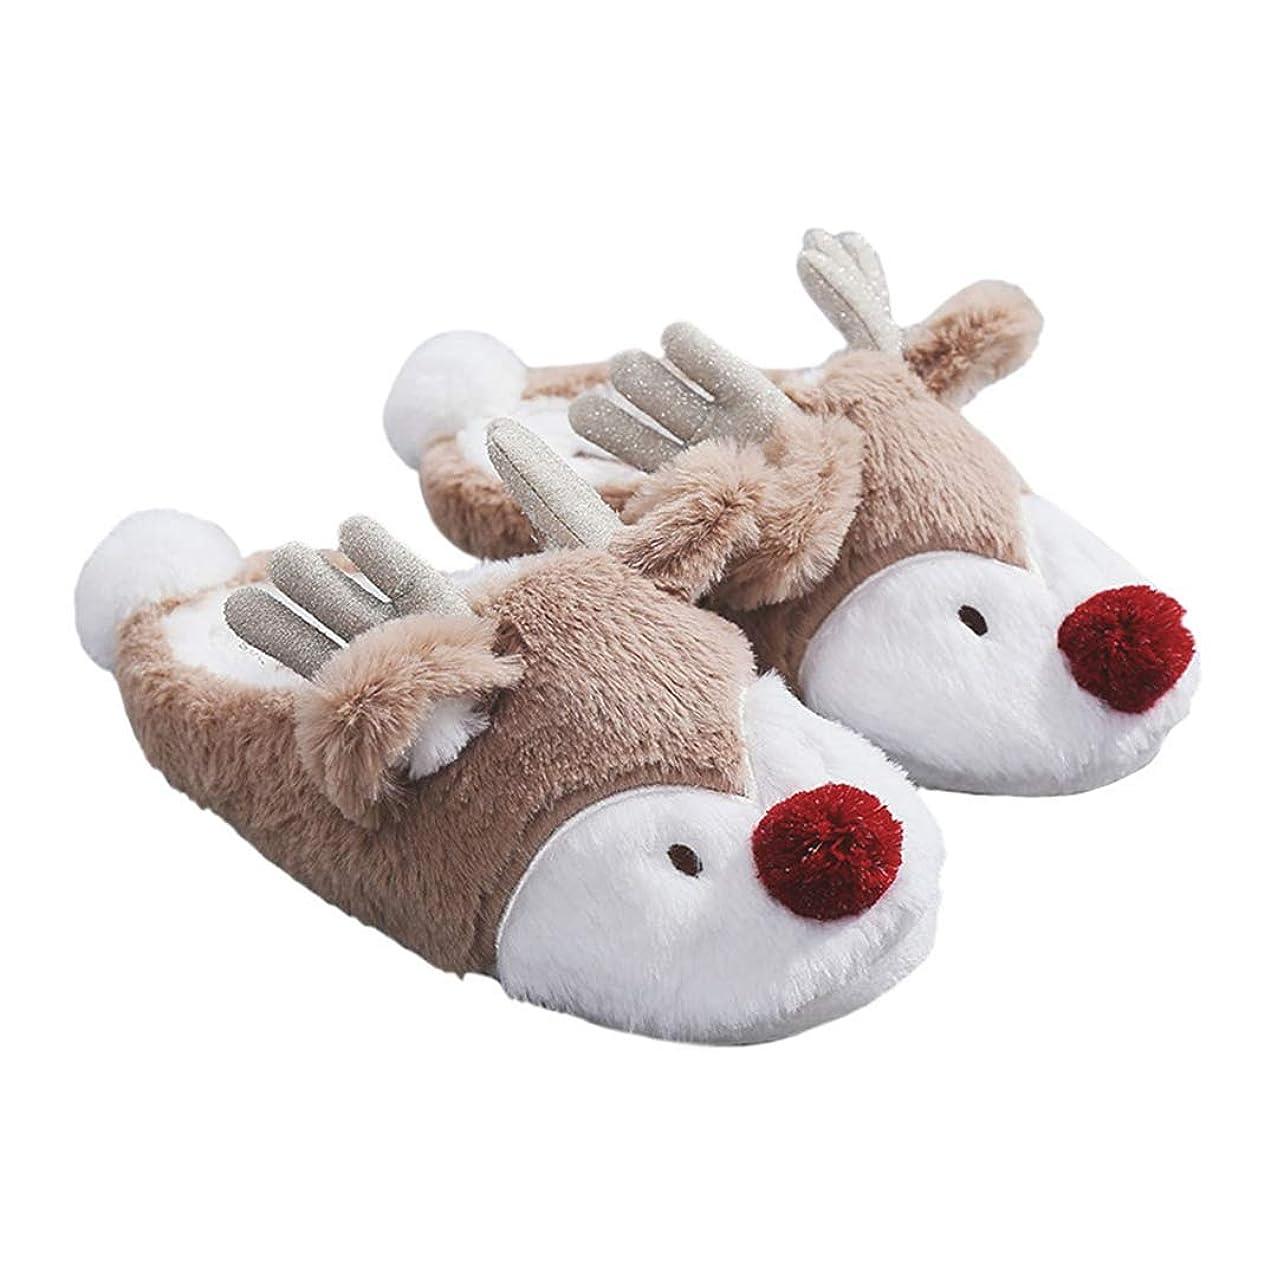 ズーム手つかずの救いトナカイ型 クリスマス コットンスリッパ 冬 レディース 大きいサイズ 室内履き 暖かい 履きやすい 滑り防止 かかと付き